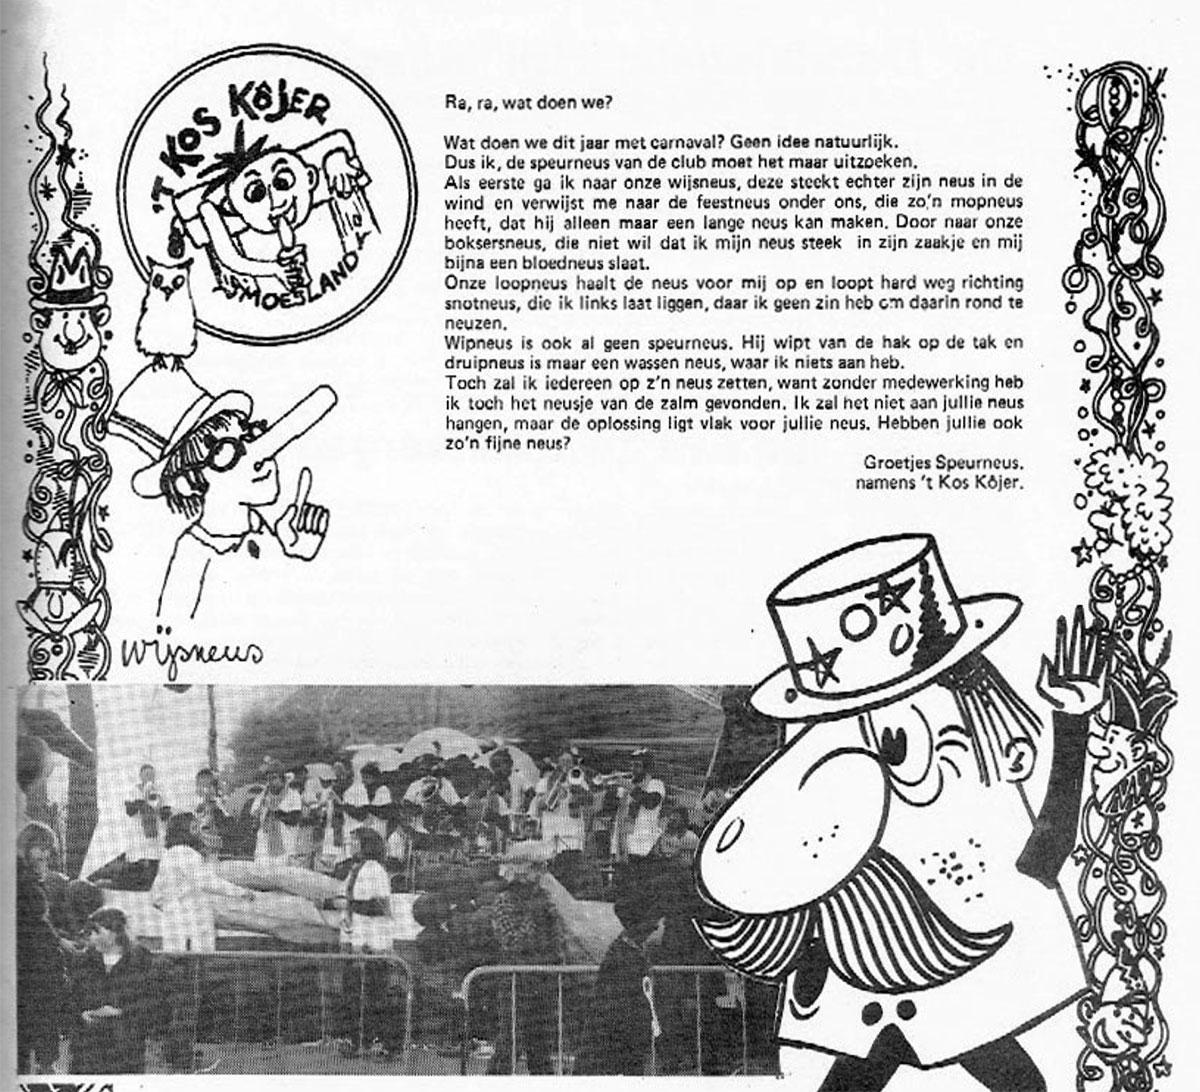 Stukje uit de carnavalskrant van 't Kos Kojer - 1983